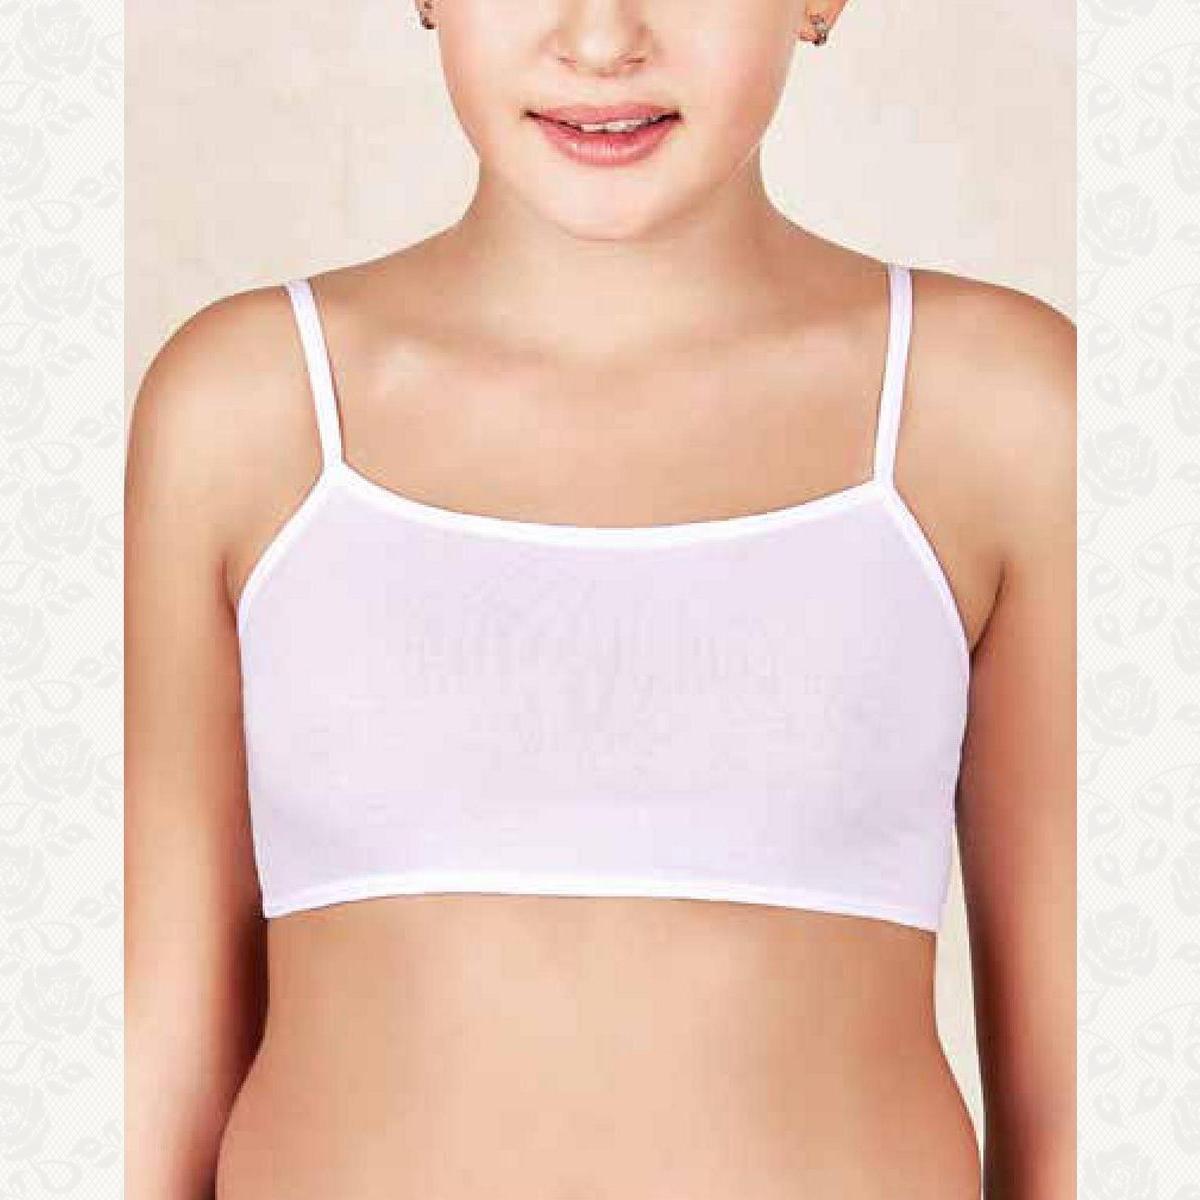 Топ для девочки, цвет белый с фото, 6 шт.